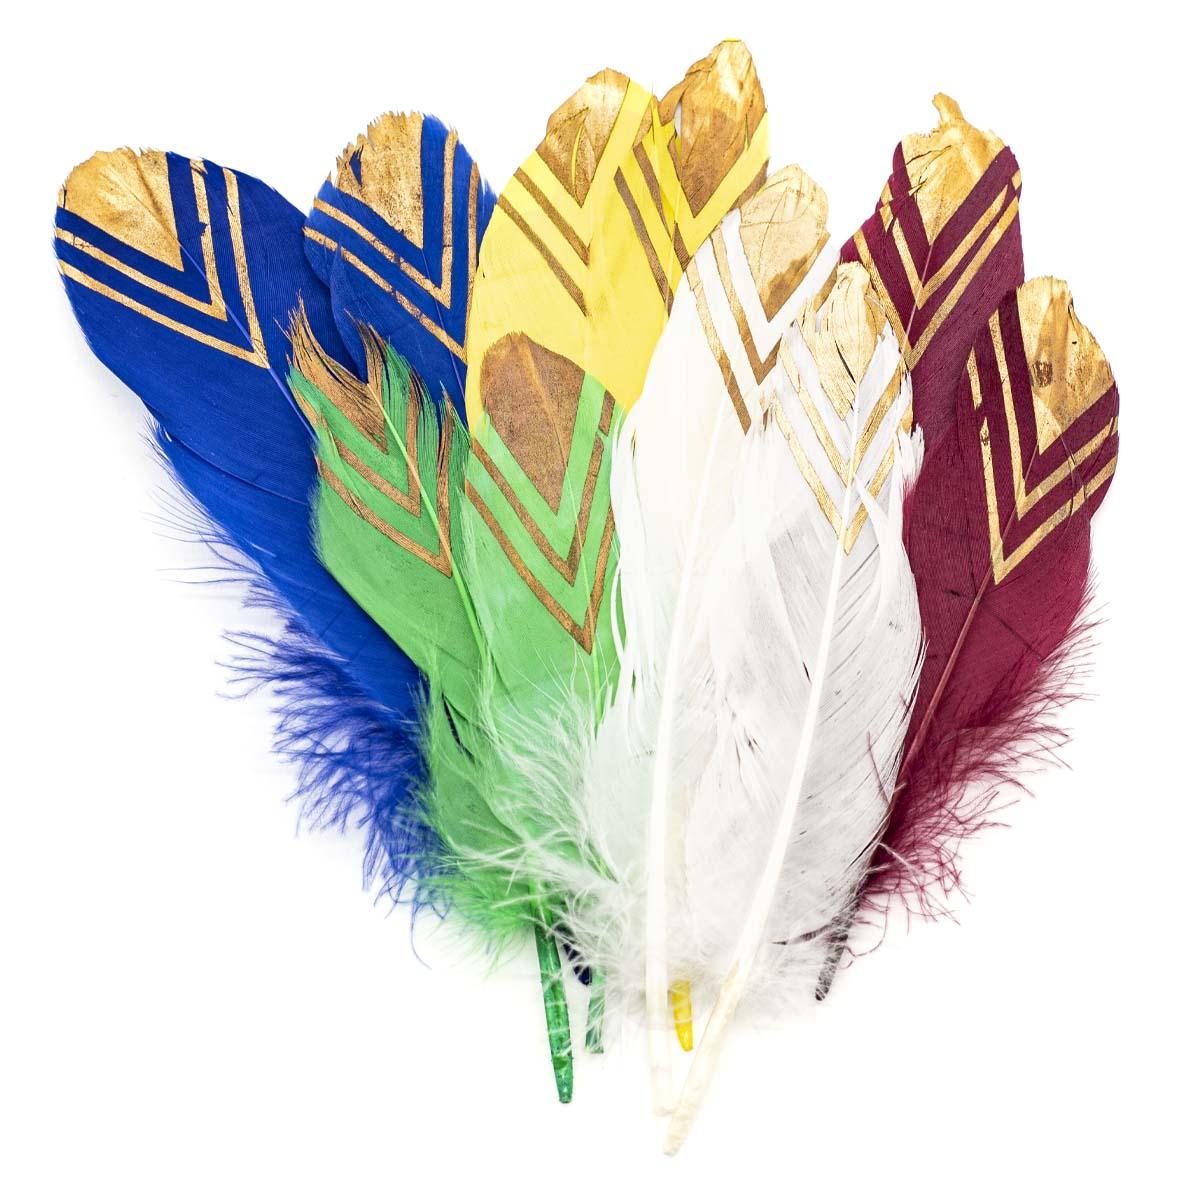 ST94068C Перья декоративные разноцветные,18-20см, 10 шт/упак